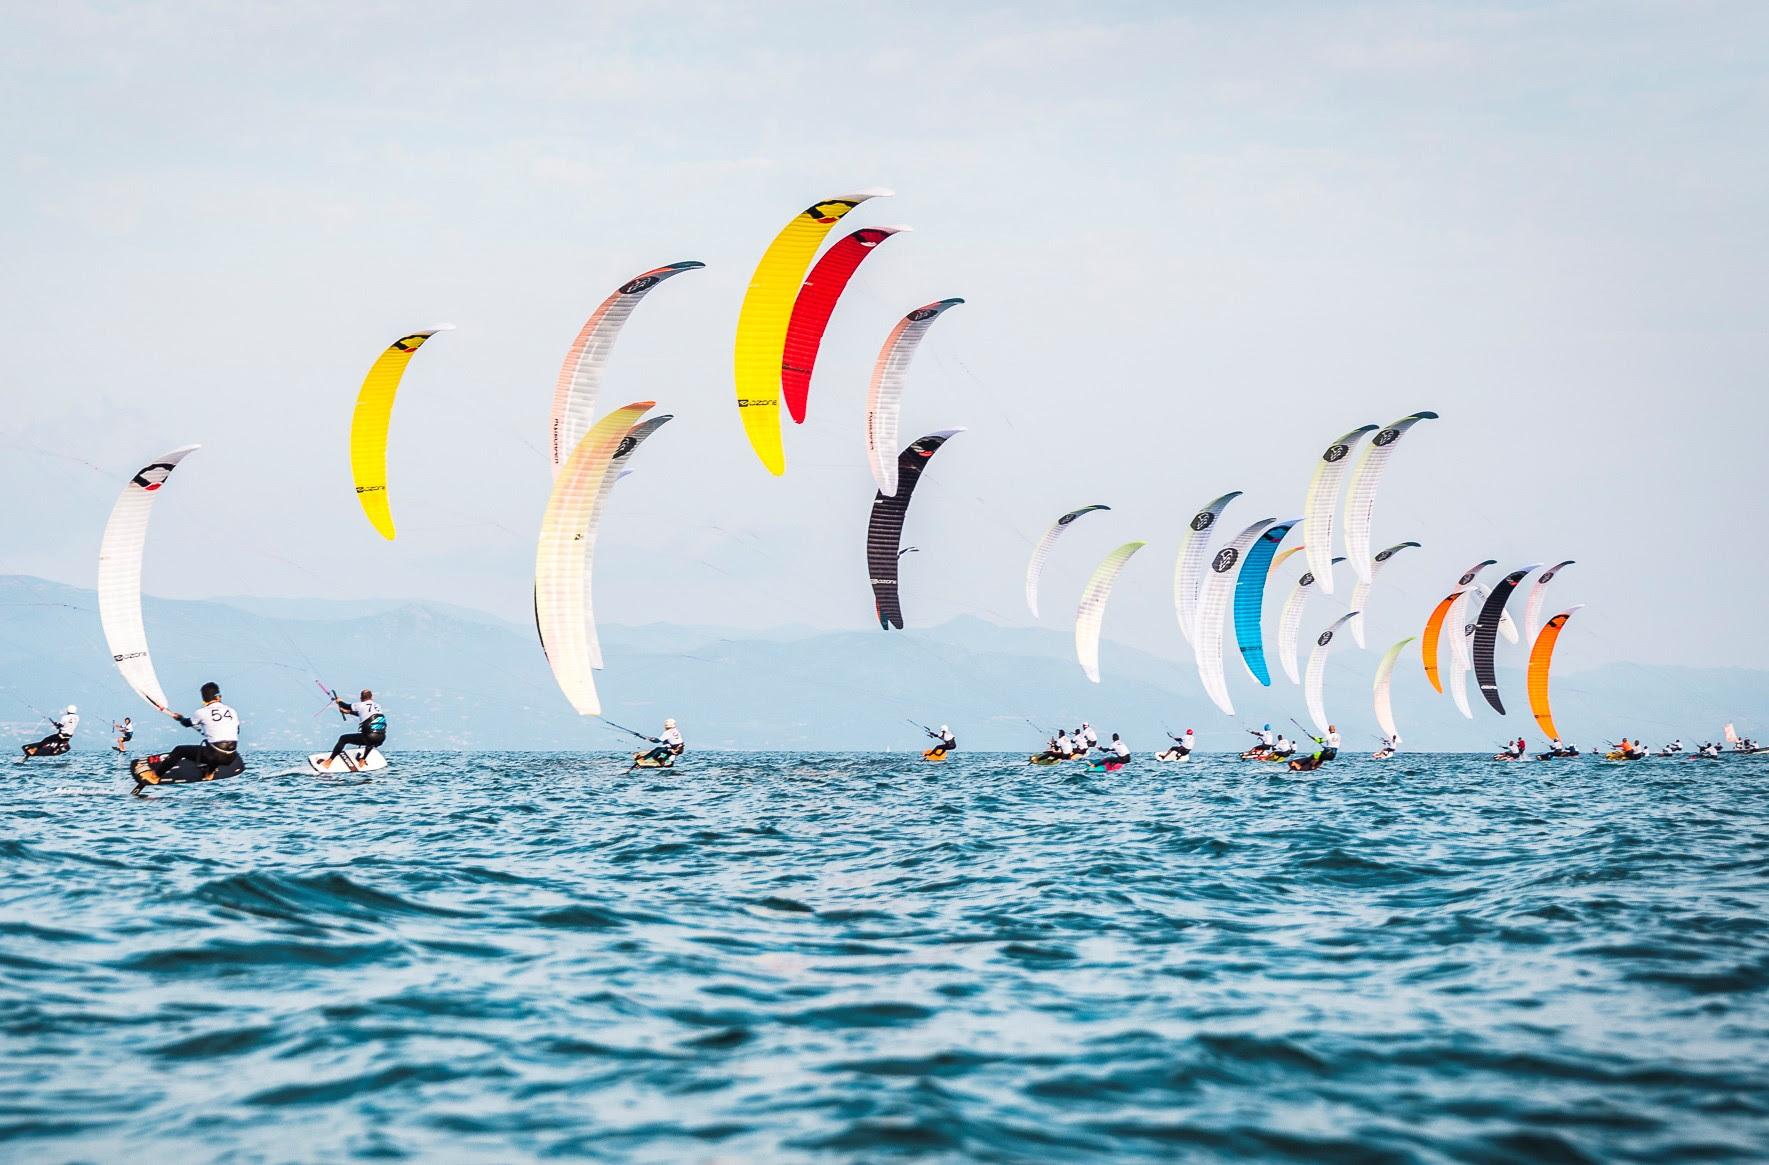 Kitesurfng in Cagliari, Sardinia